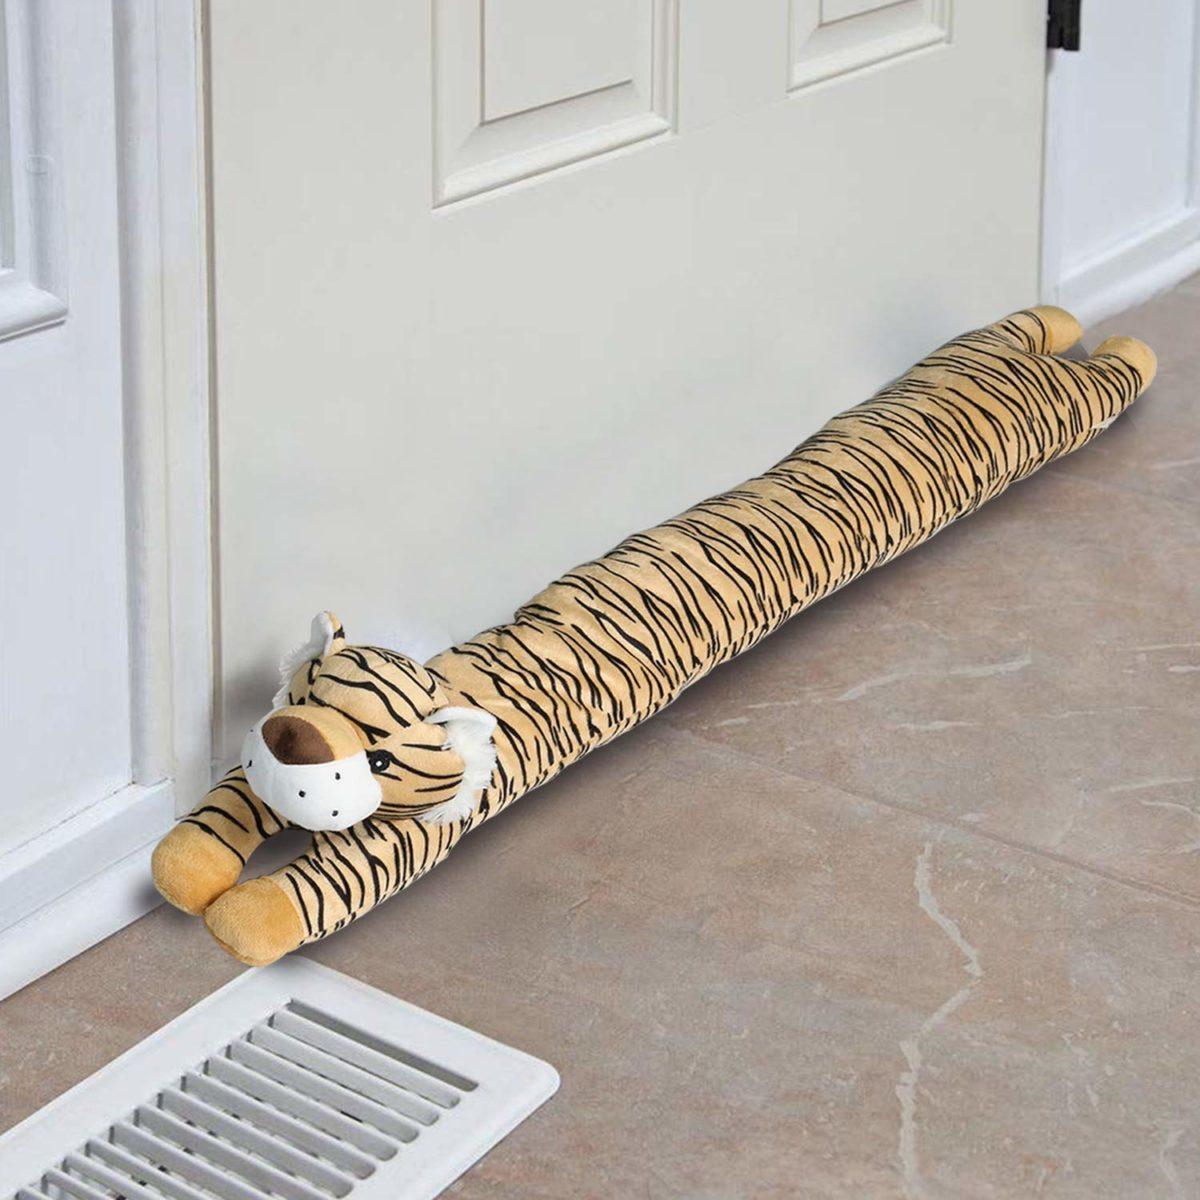 Rumore Nel Muro Di Casa i 7 trucchi low cost per eliminare i rumori in casa